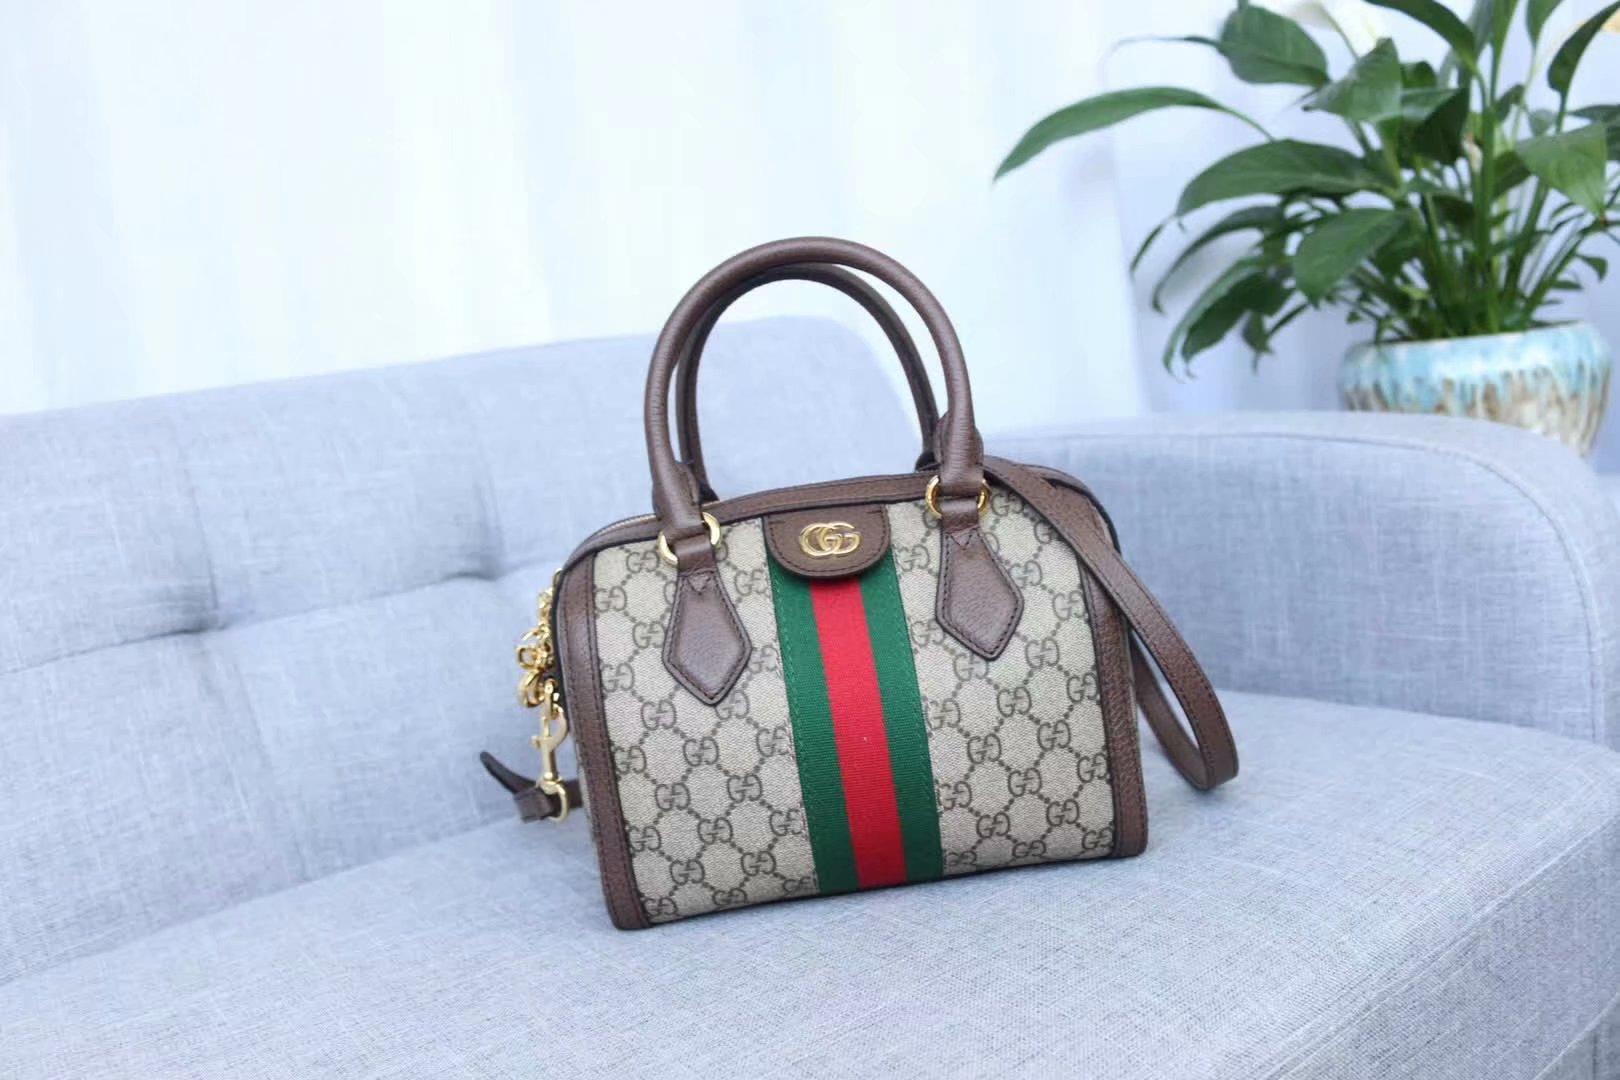 Hochwertige Designer GG Art und Weise Frauen-echtes Leder Ophidia Schultertasche 499688 Purse Handtaschen Klappen mit Doppel-G-Verschluss 22cm weiß